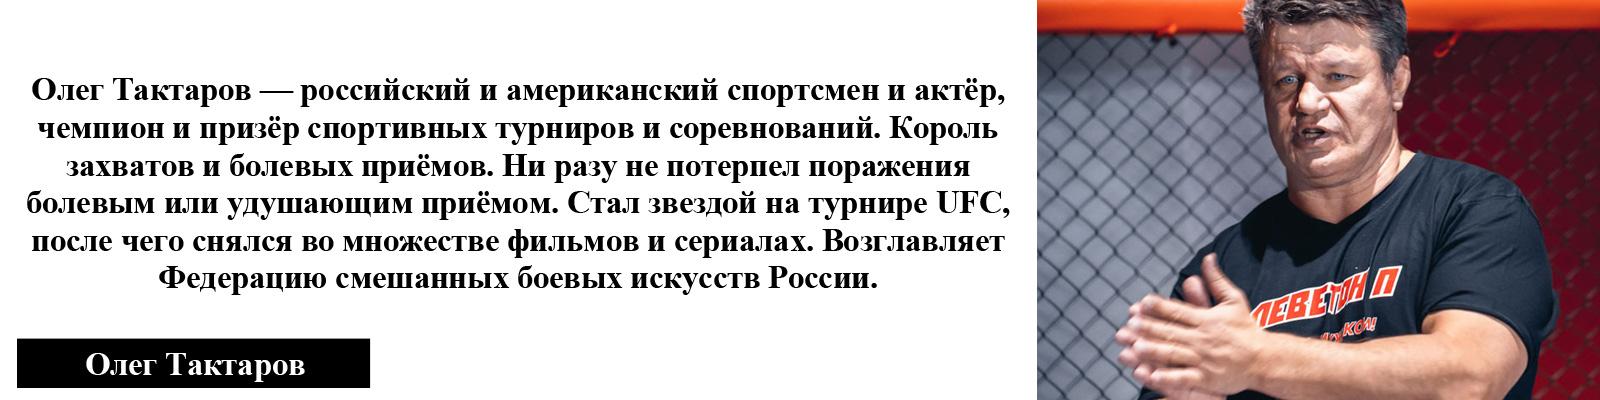 Российский и американский спортсмен и актёр